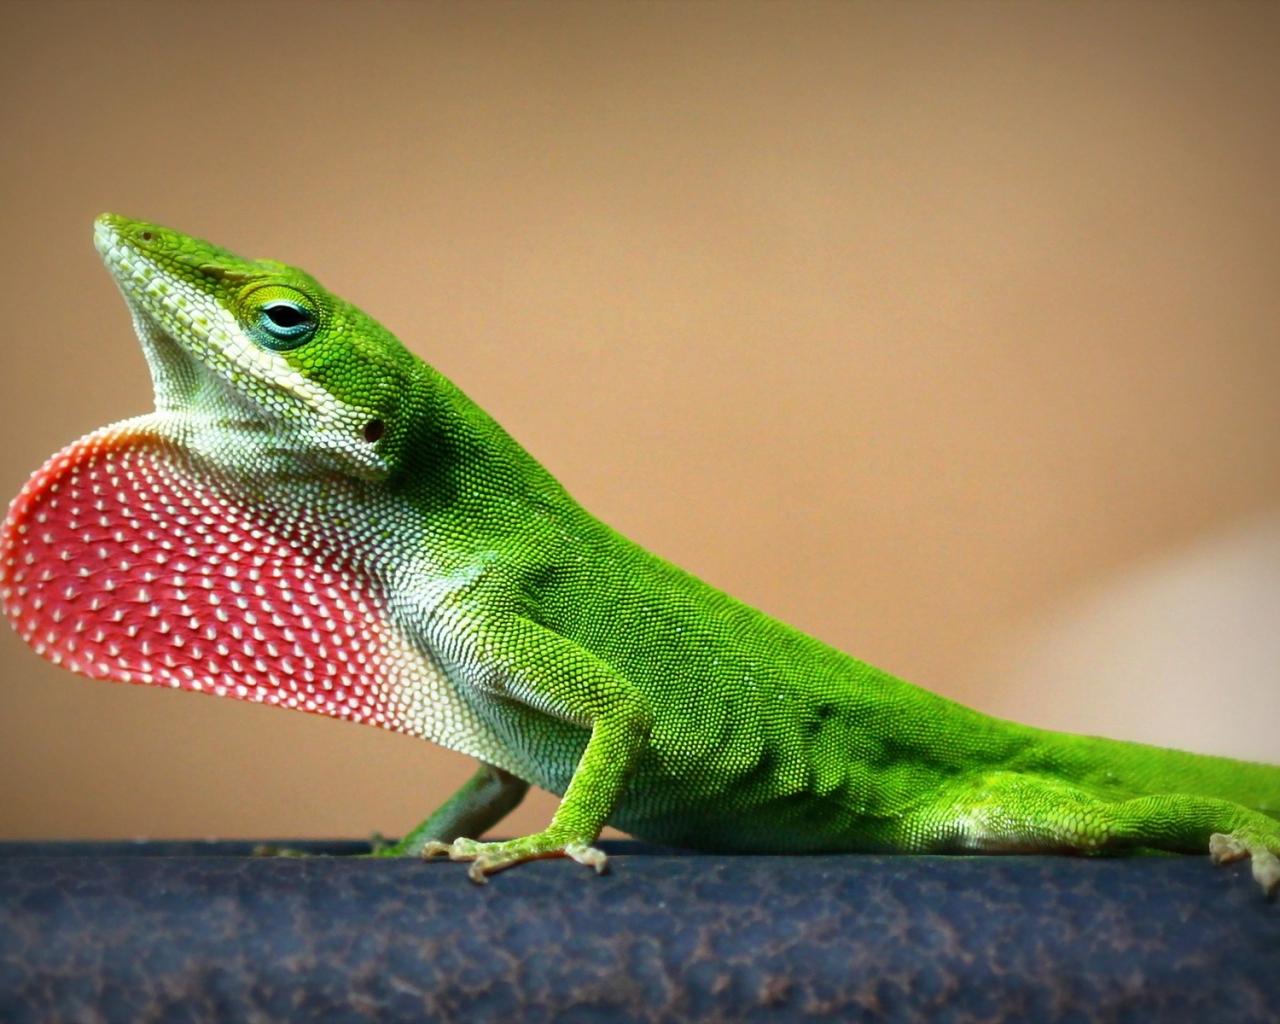 Una lagartija verde - 1280x1024